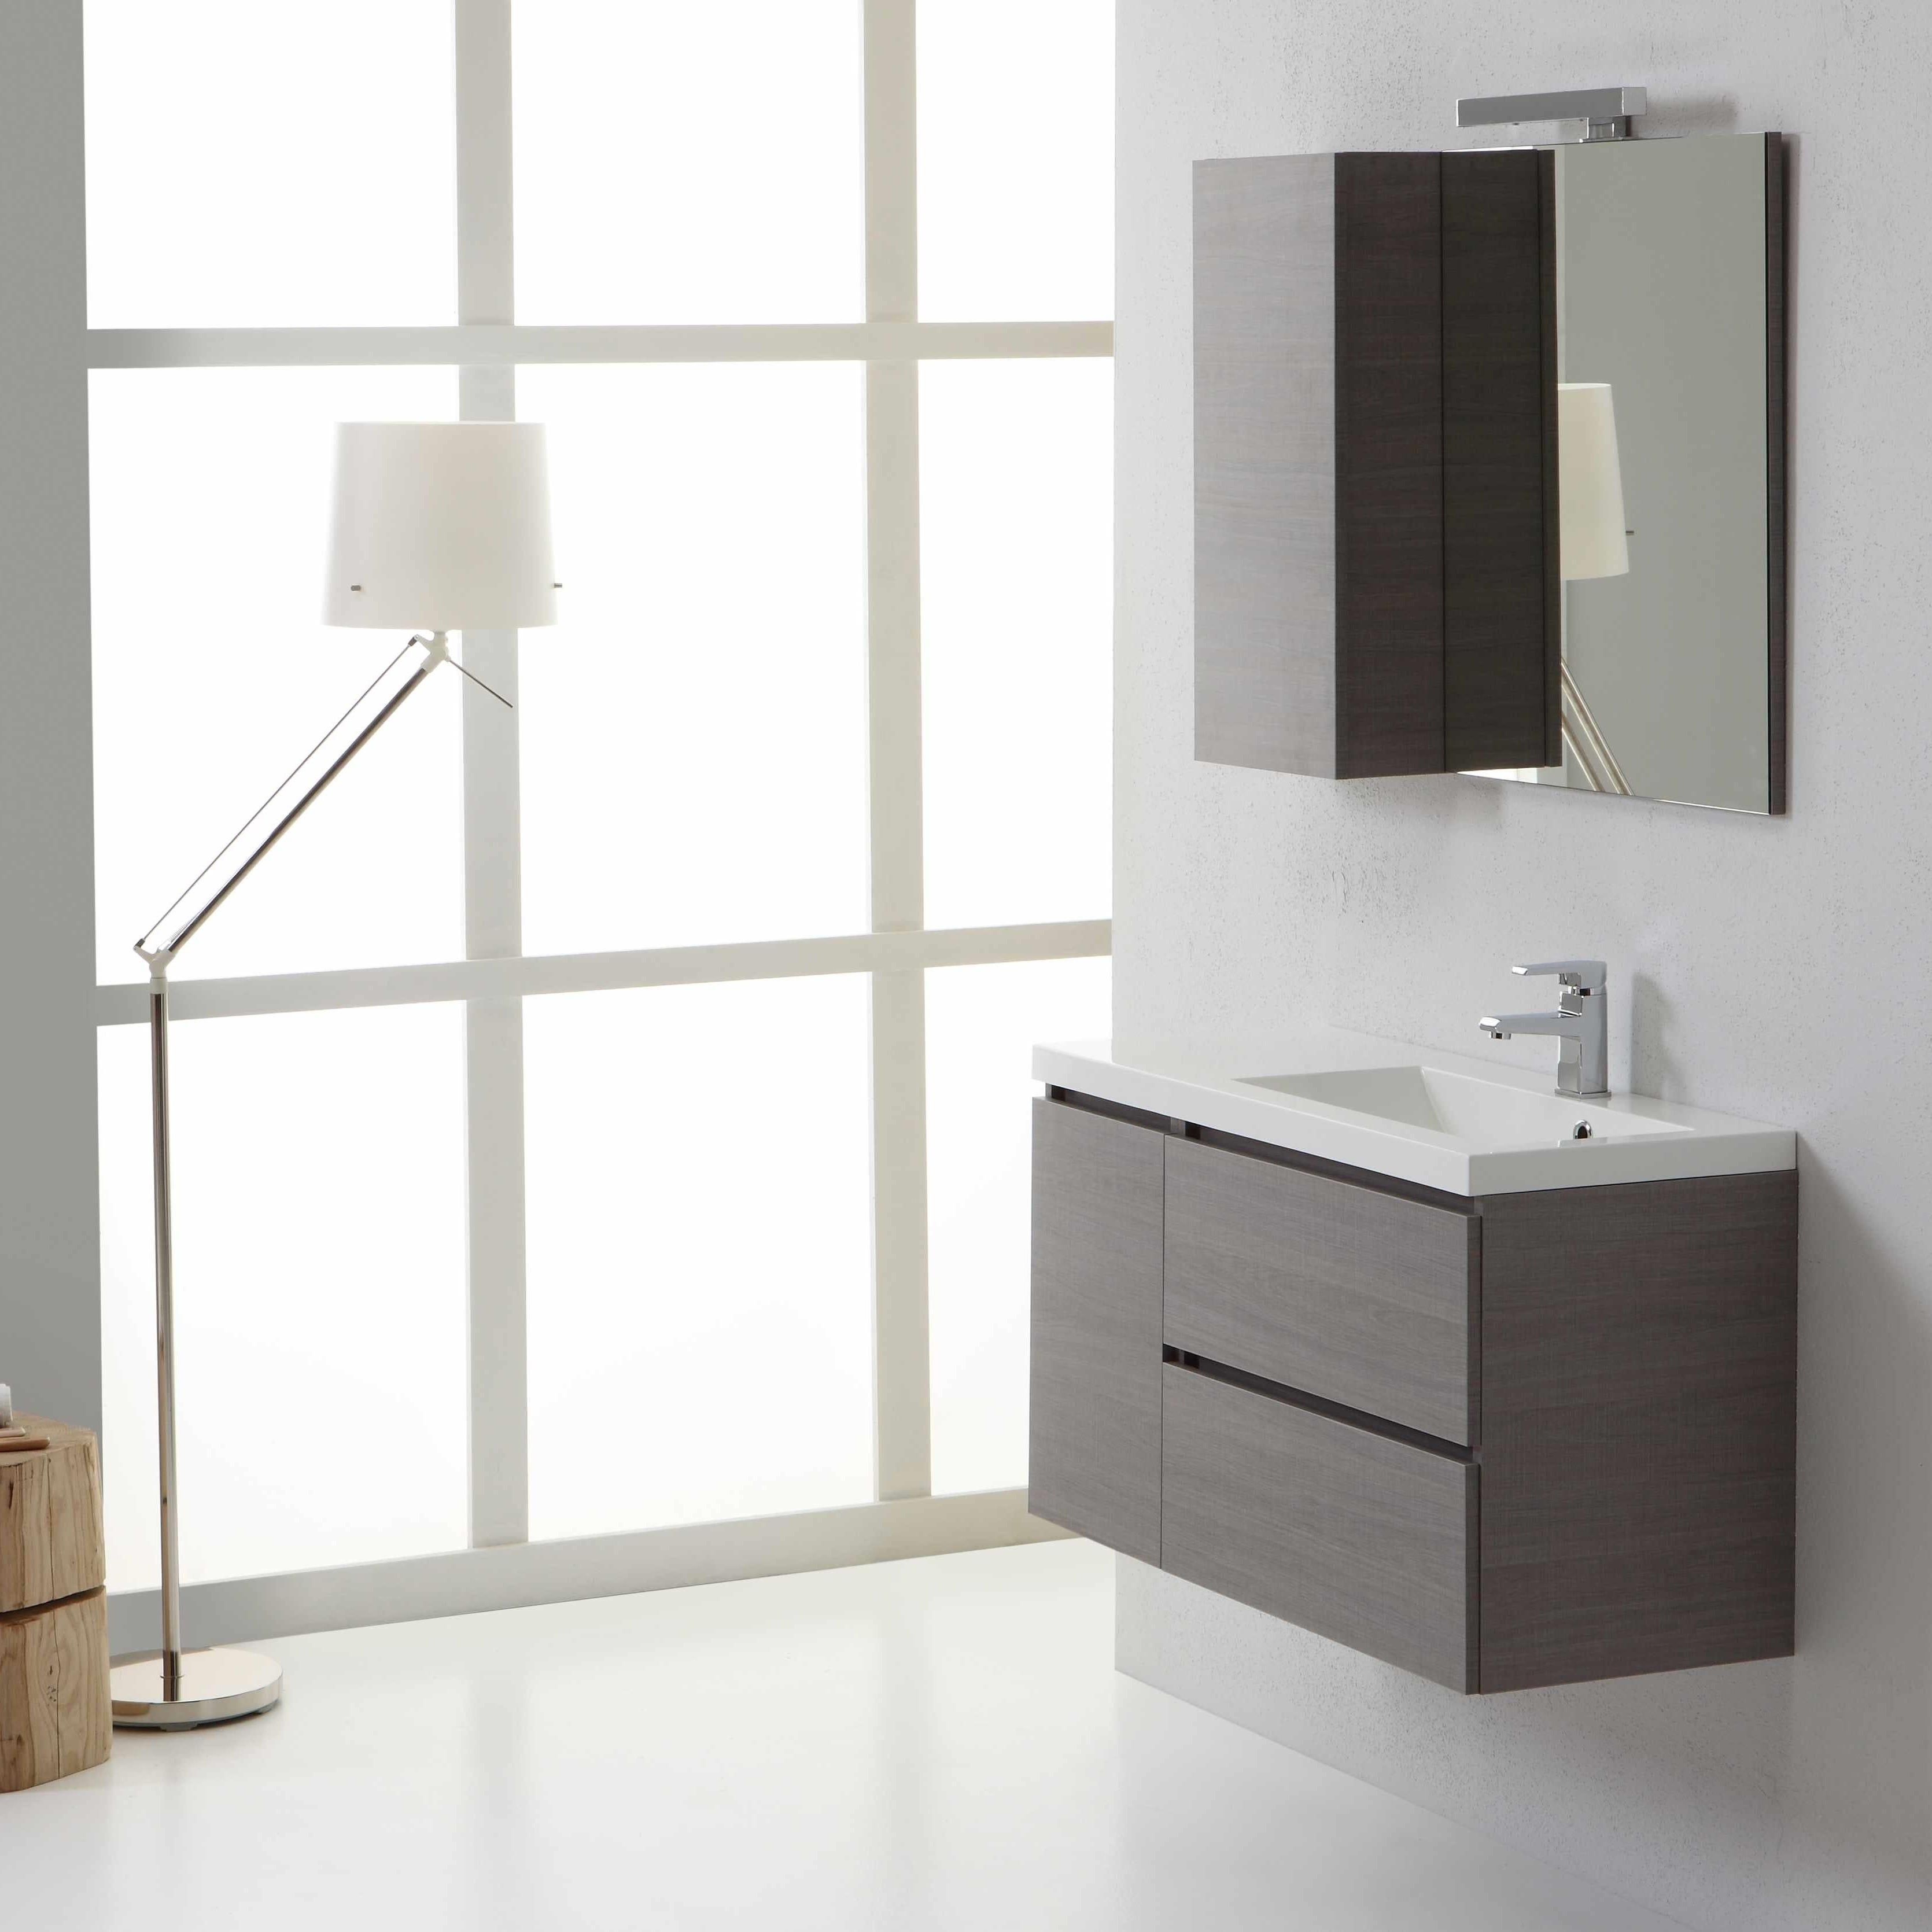 Mobile da bagno manhattan da 90 cm destro e con cassetti specchio con pensile ebay - Specchio bagno con pensile ...